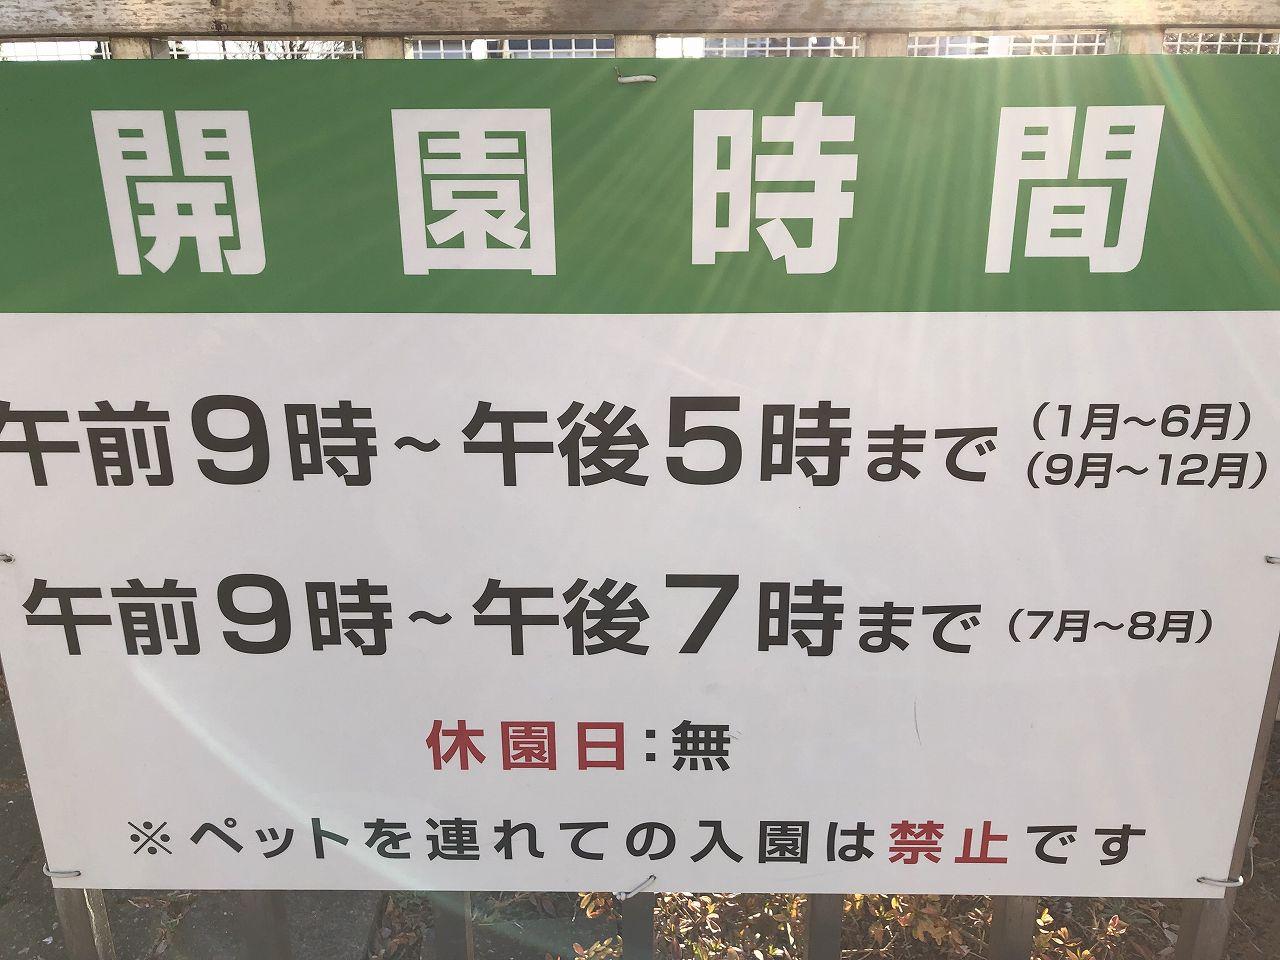 鎌ヶ谷市制記念公園の開園時間